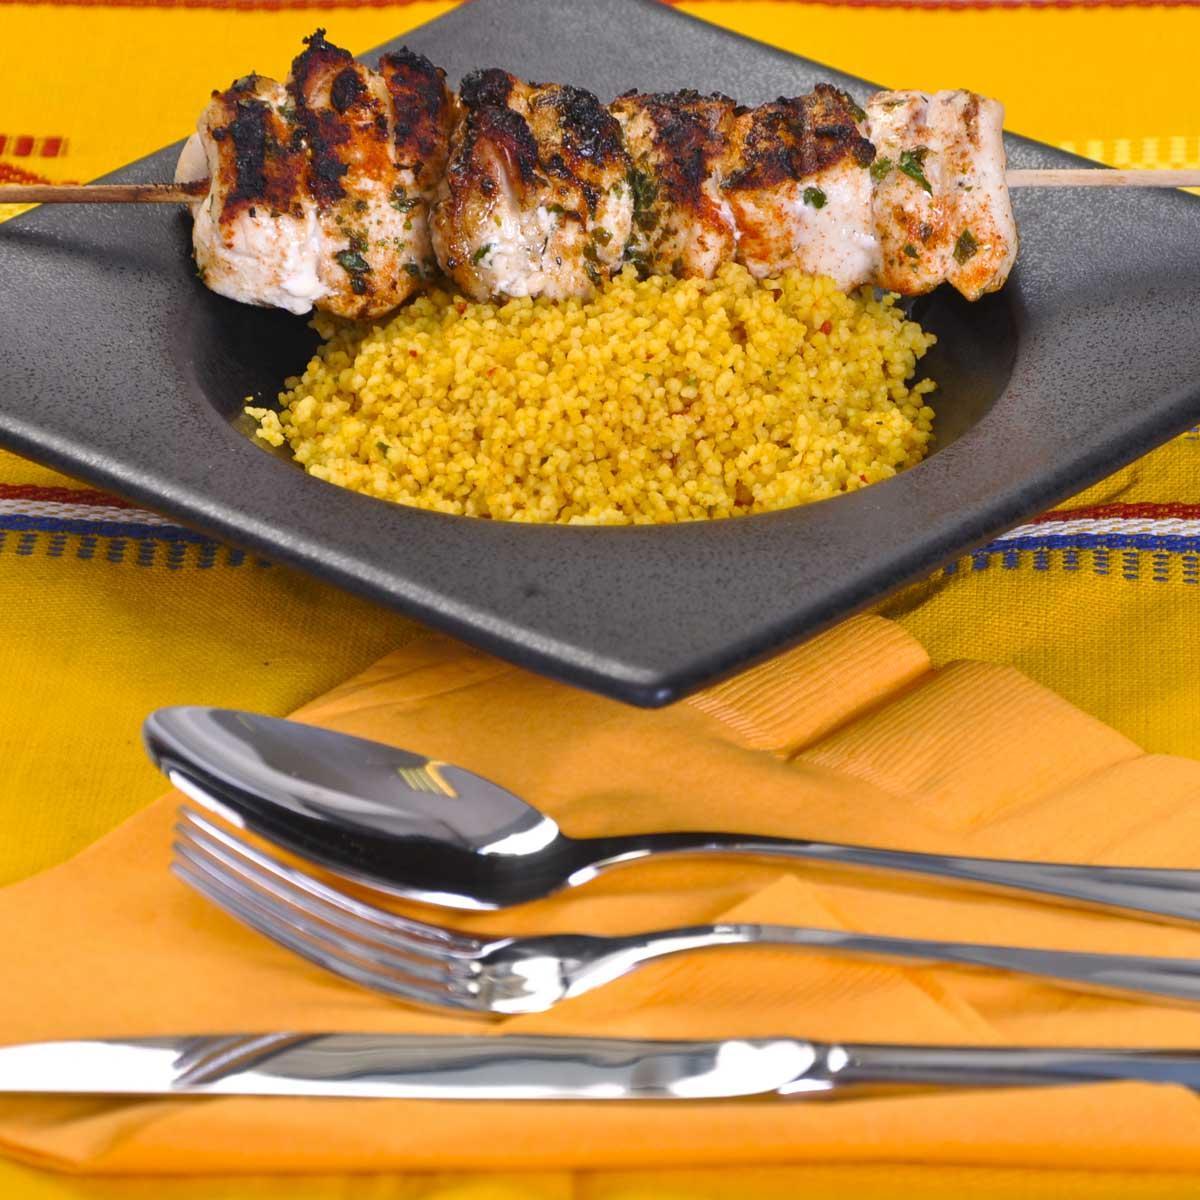 brochettes de poulet au couscous une recette equilibr cuisine le figaro madame. Black Bedroom Furniture Sets. Home Design Ideas